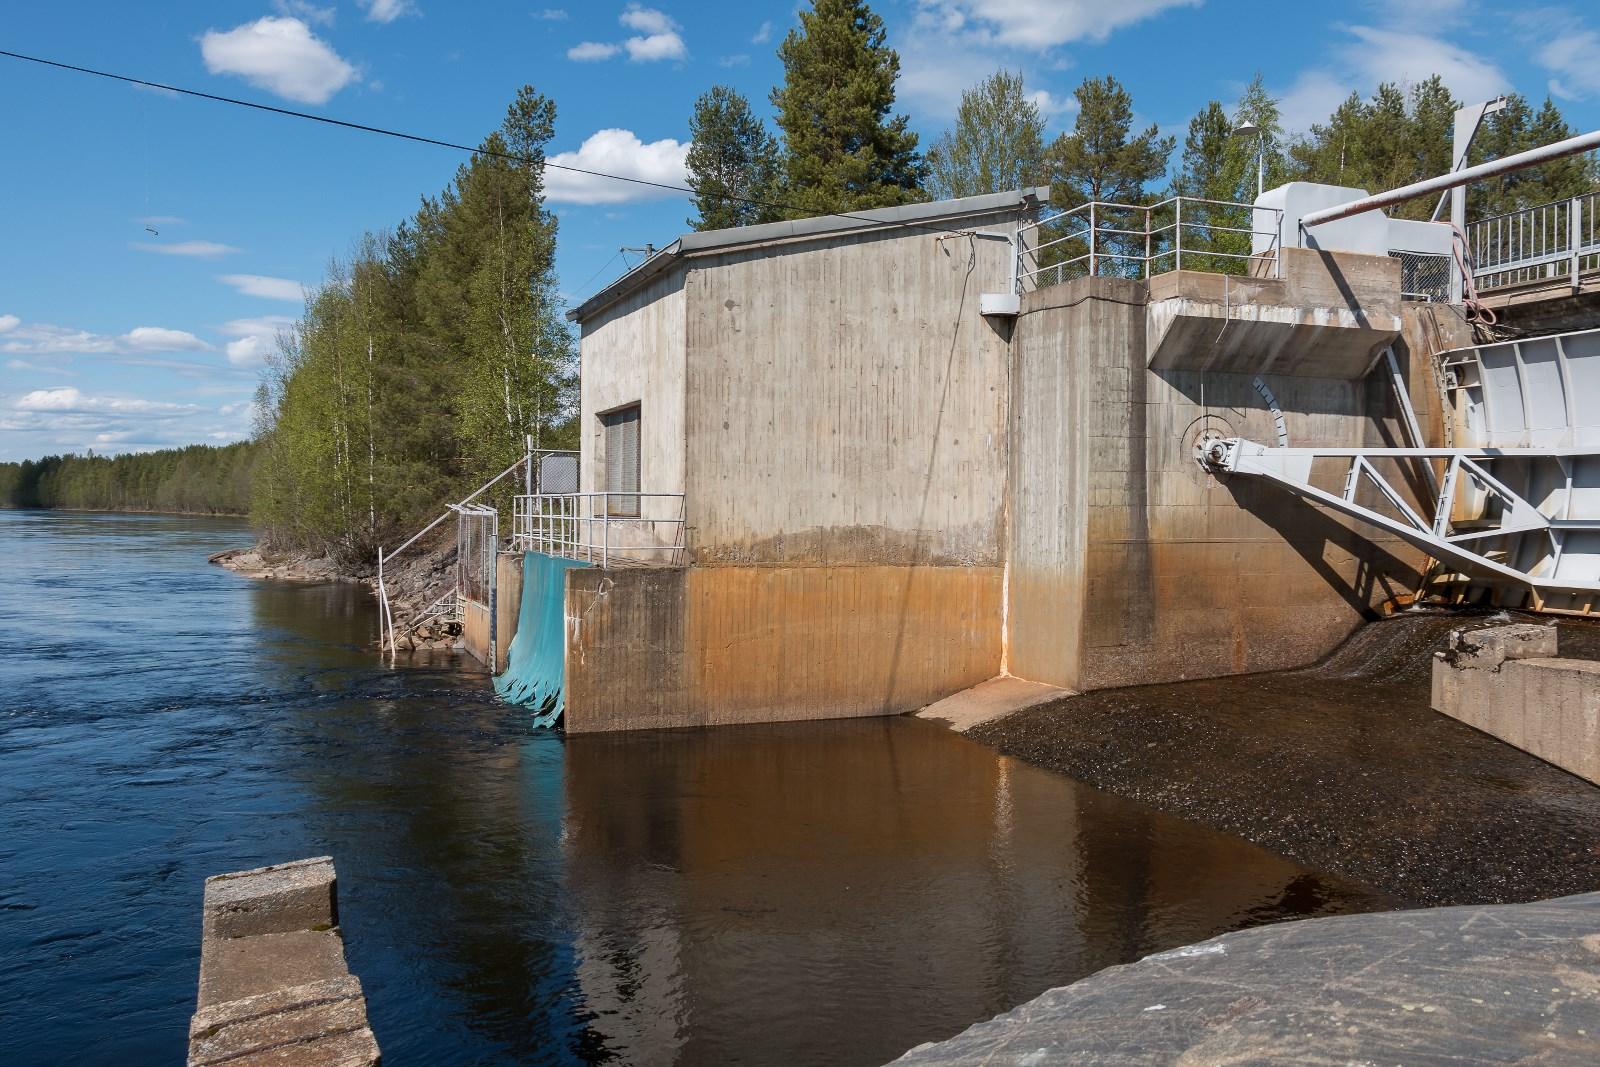 Ala-Utoksen vesivoimalaitos